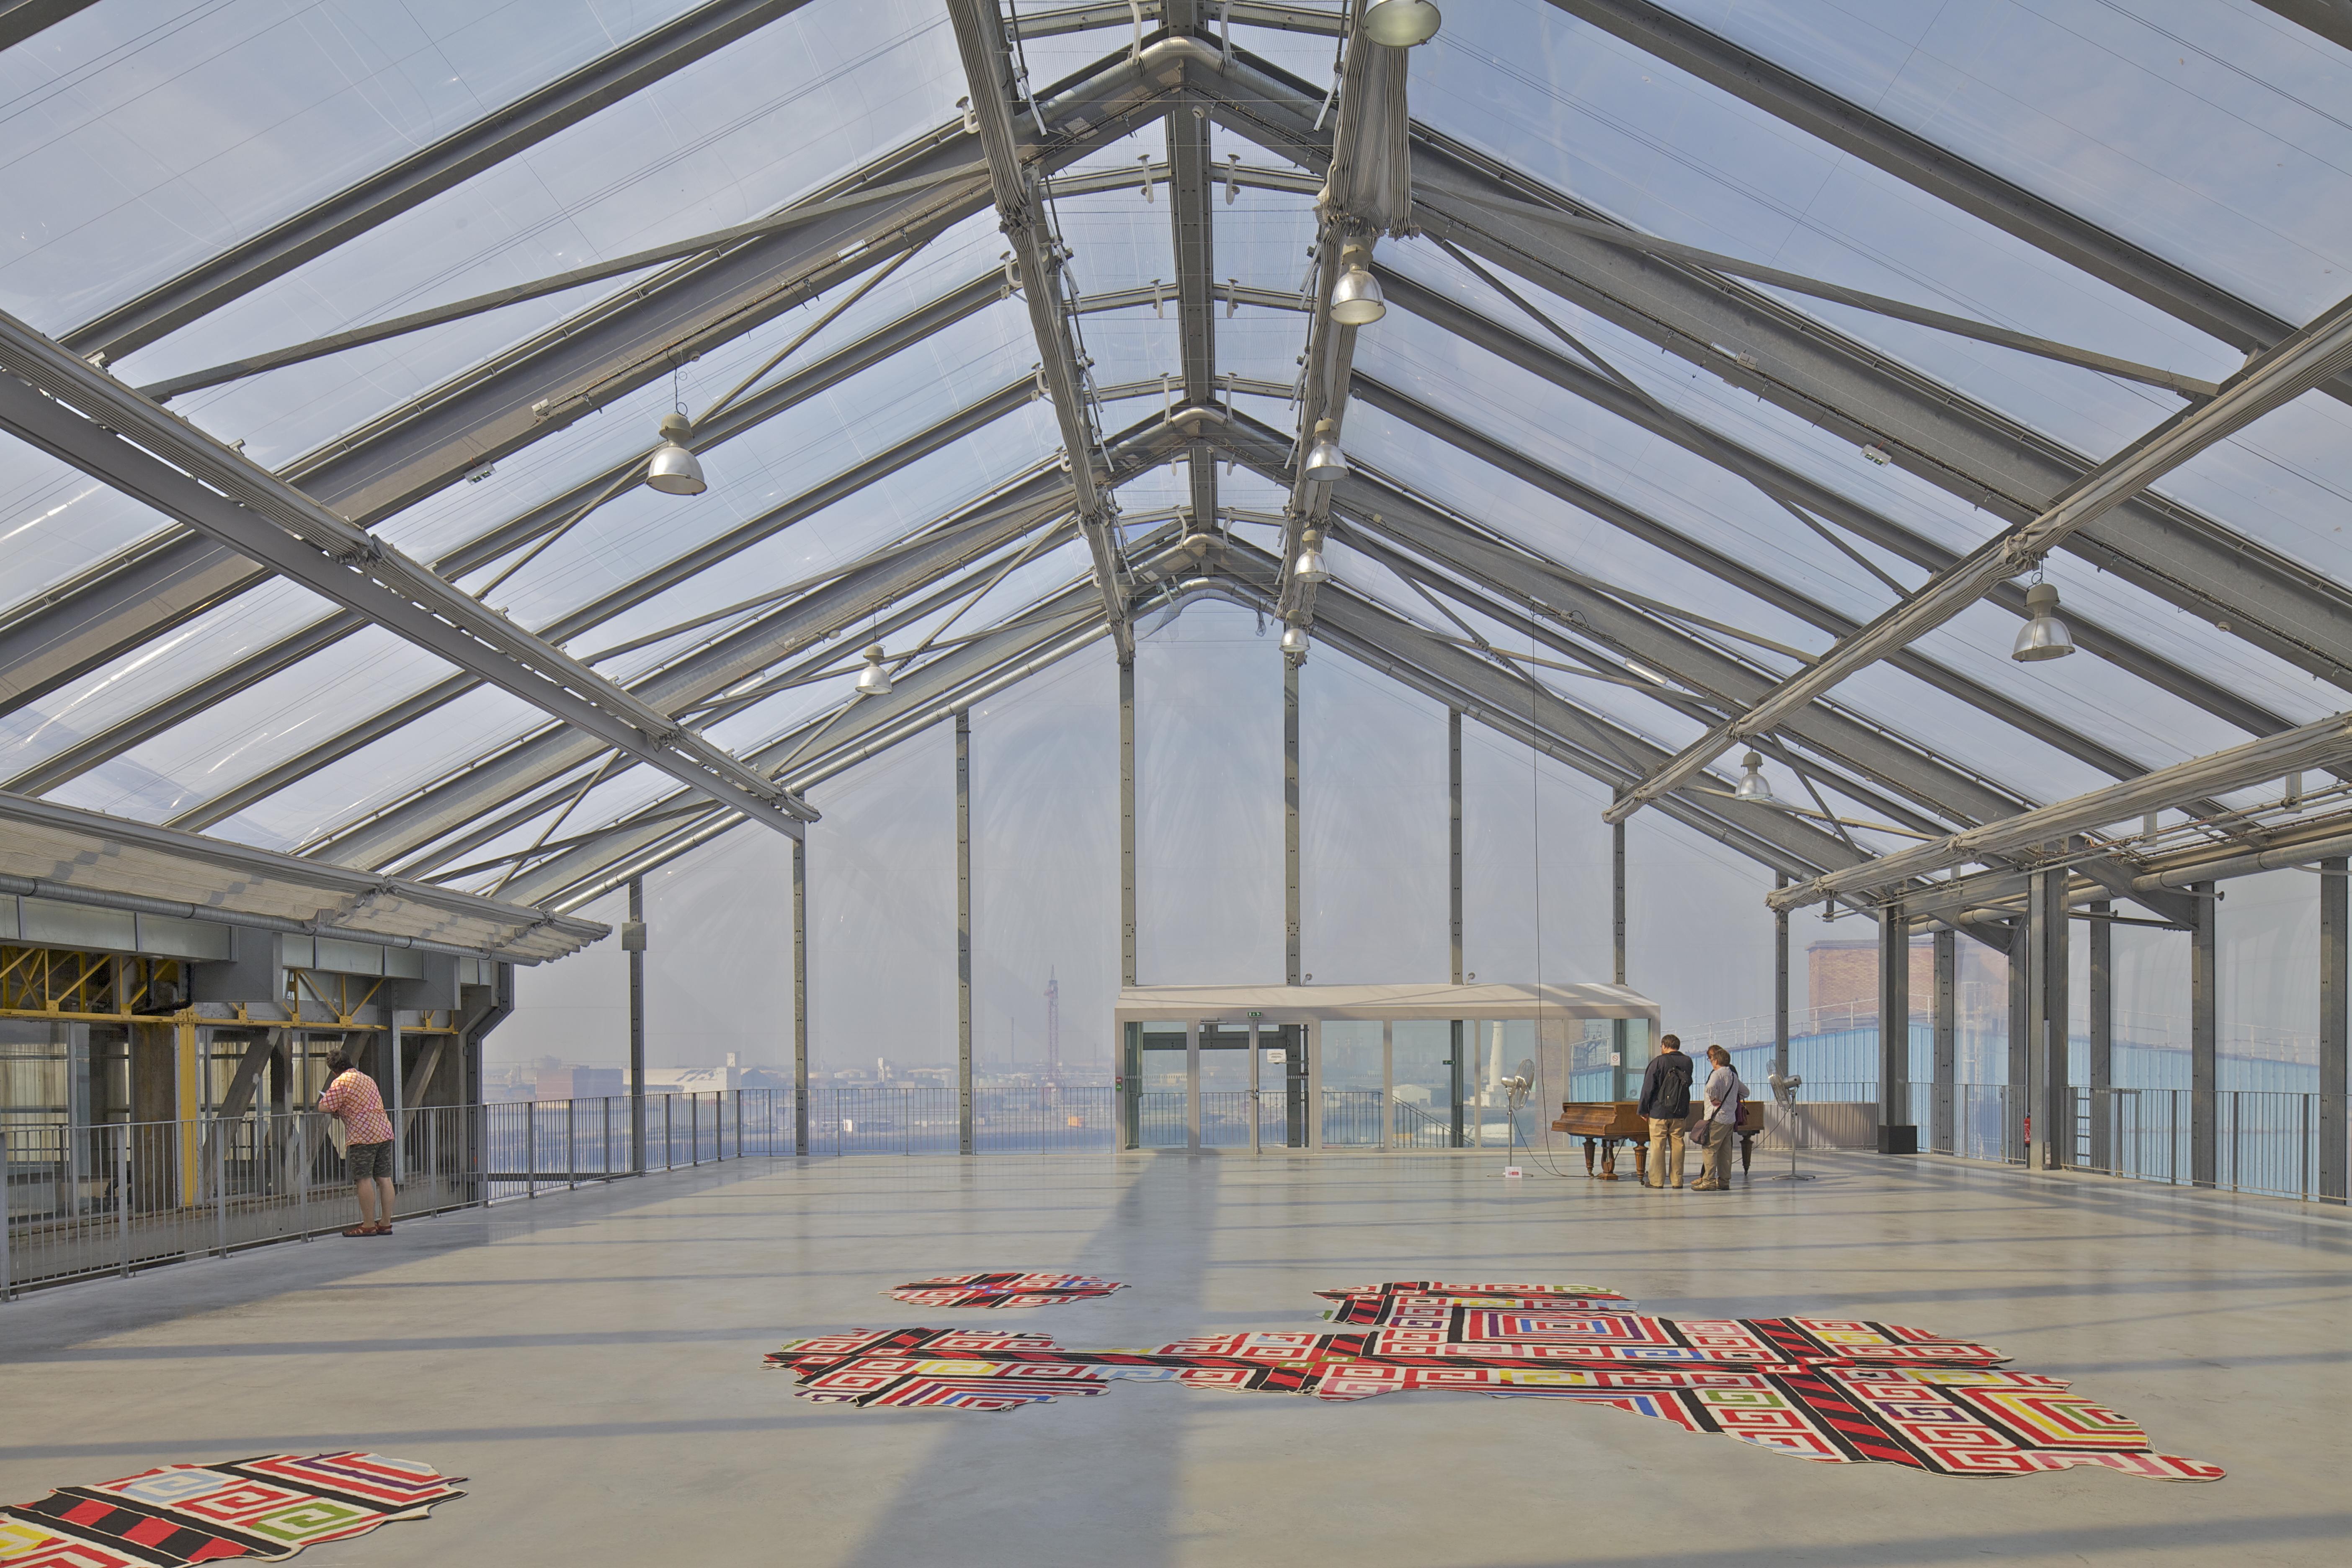 FRAC, em Nord-Pas de Calais, utiliza estruturas portuárias antigas para criar espaços para exibições de arte.